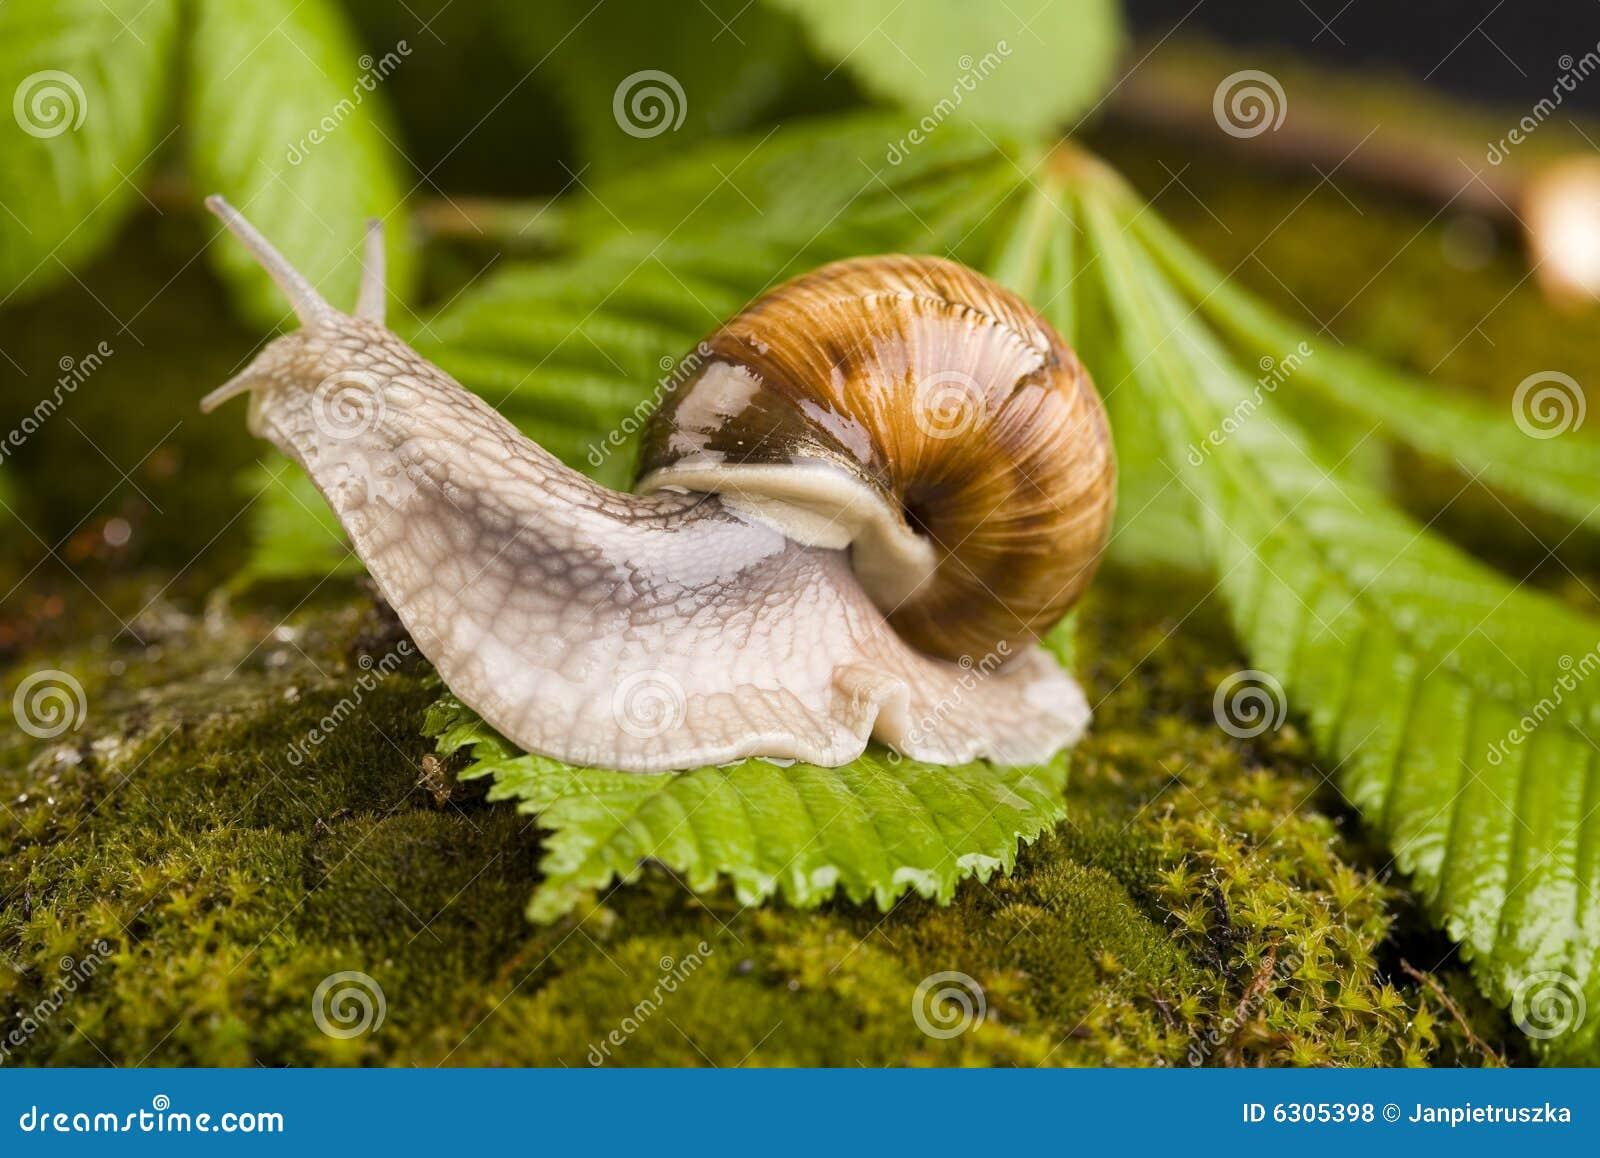 动物包括壳慢的老虎.蜗牛鞭泡酒最佳配方图片